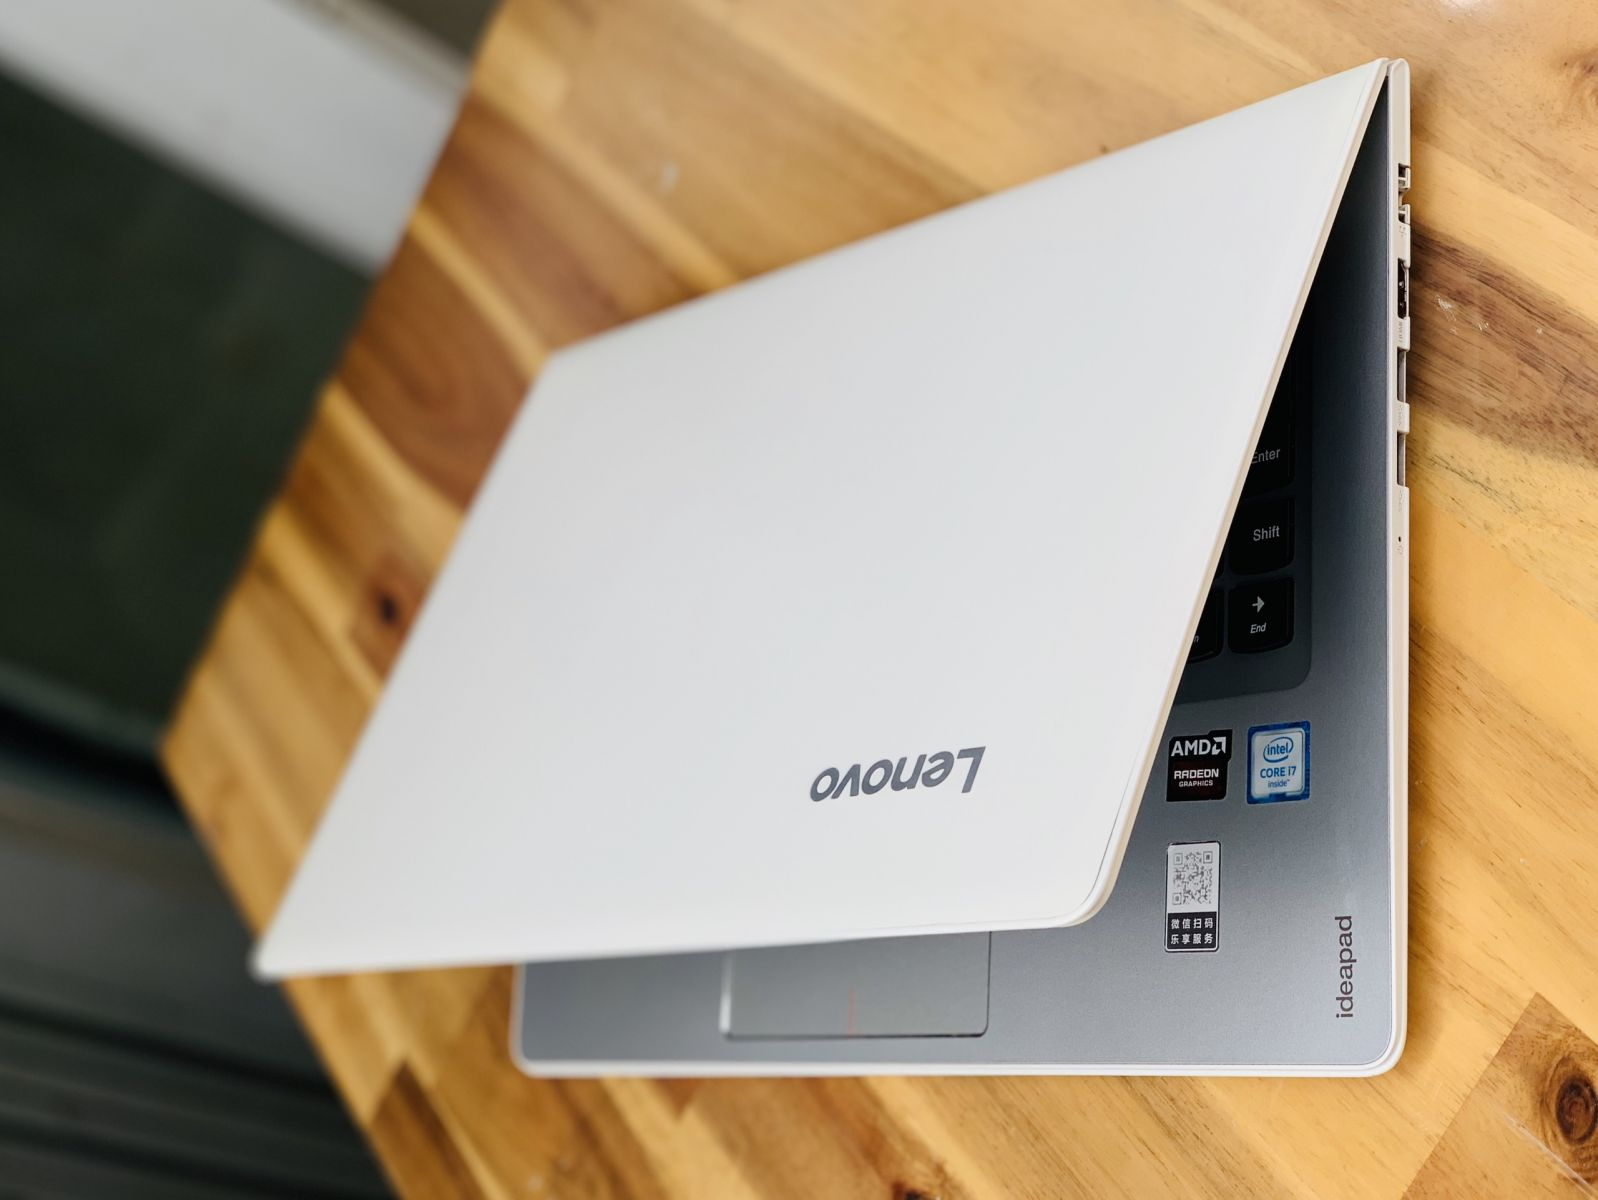 Laptop Lenovo Ideapad 310S, I7 6500U 8G SSD240 Vga 2G Siêu mỏng gọn nh - 1